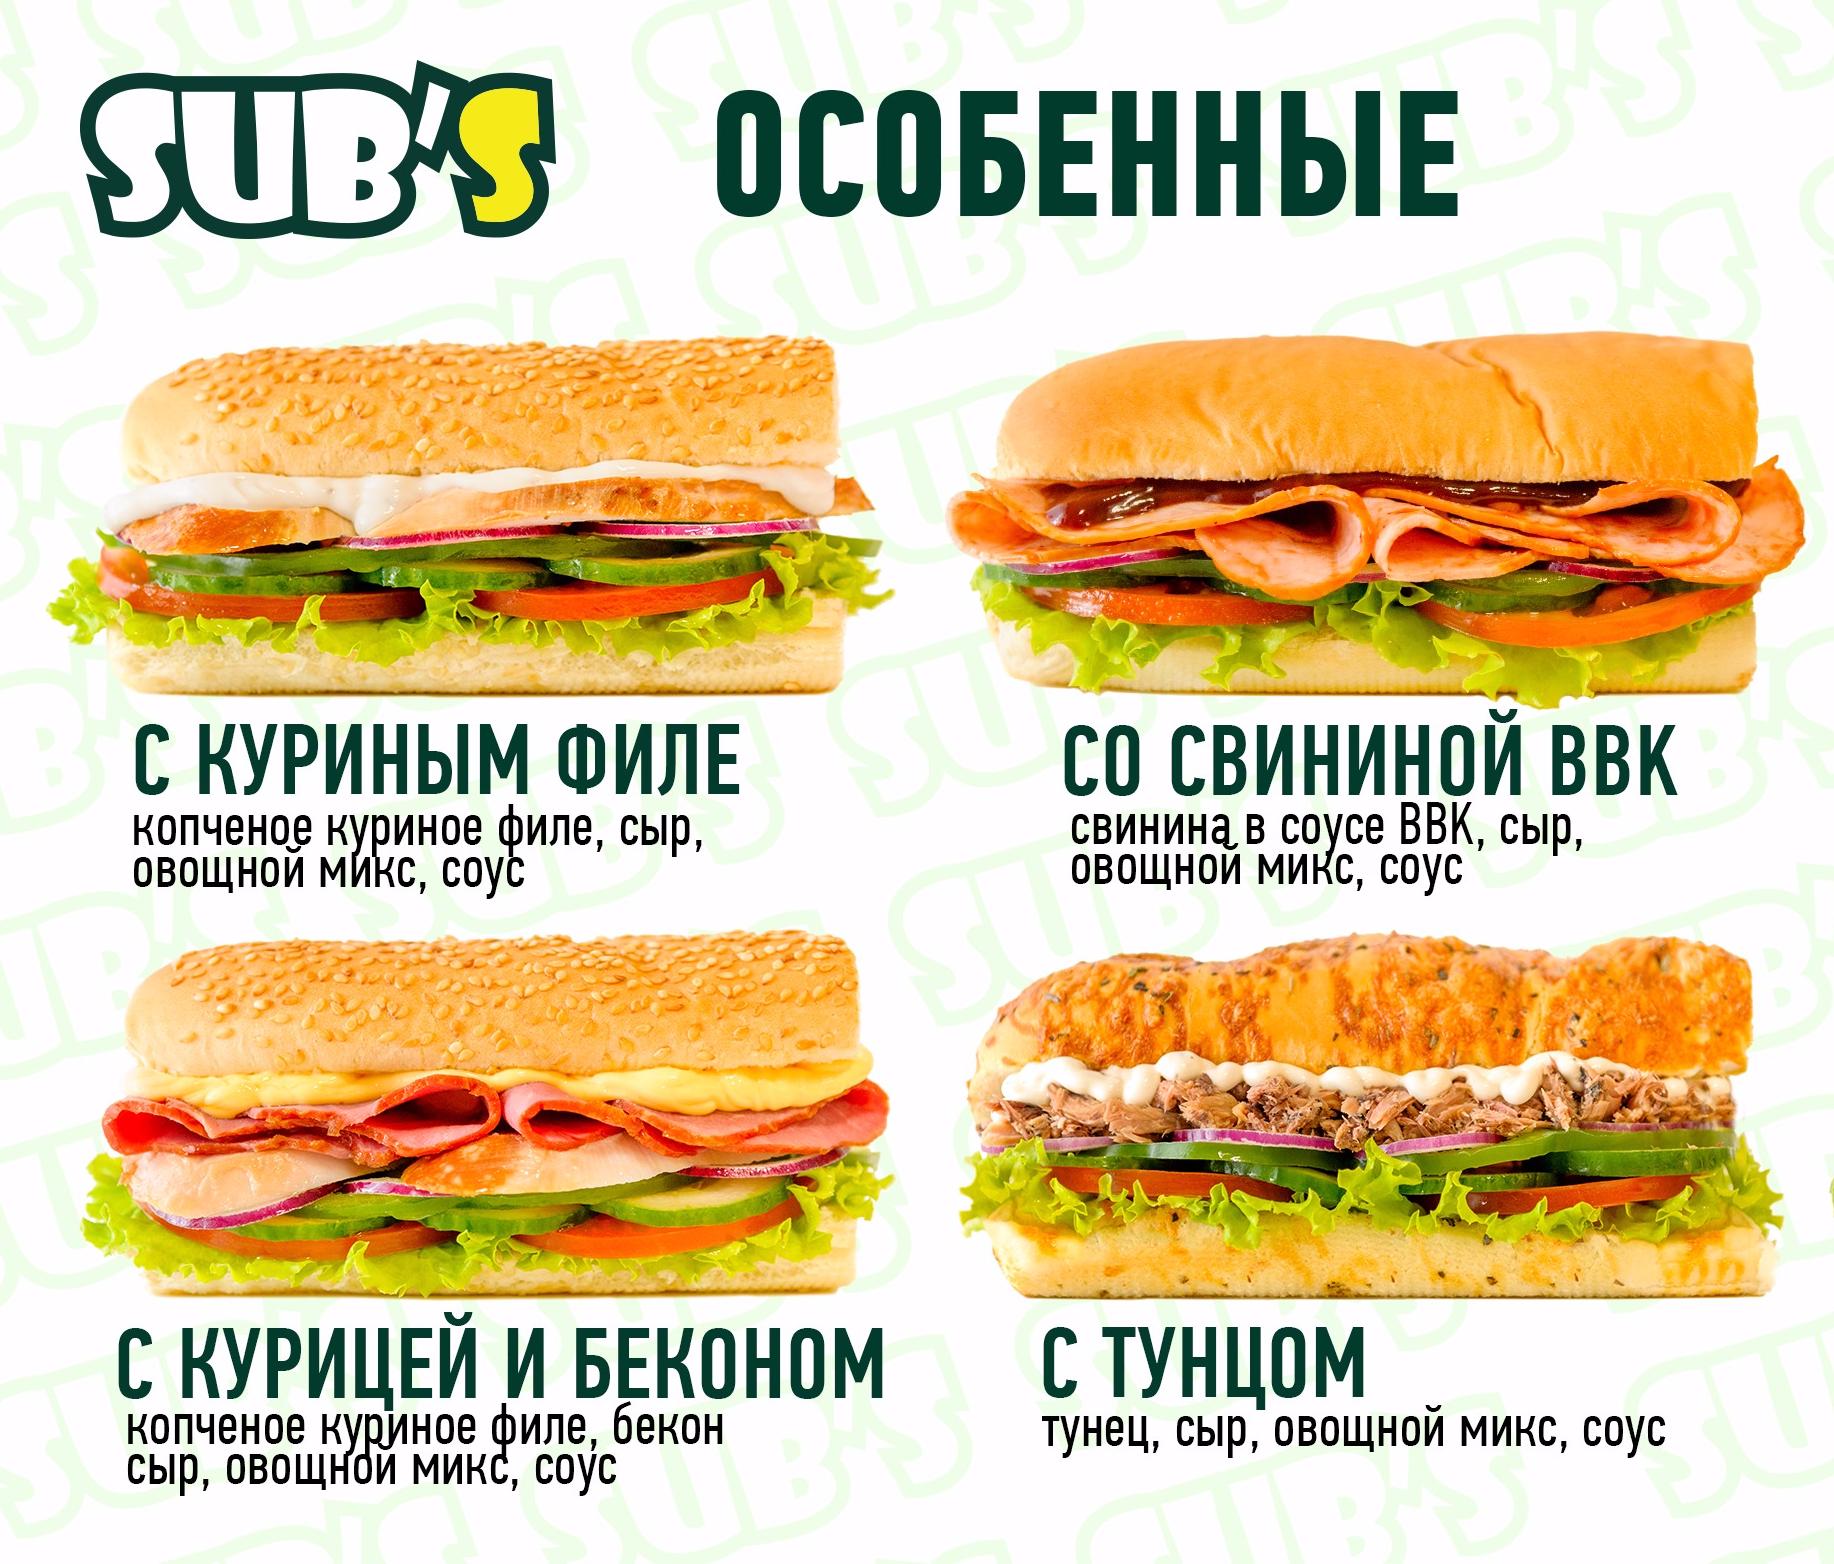 """Вкусные сэндвичи всего от 2,60 руб. в кафе быстрого обслуживания """"SUB'S"""""""